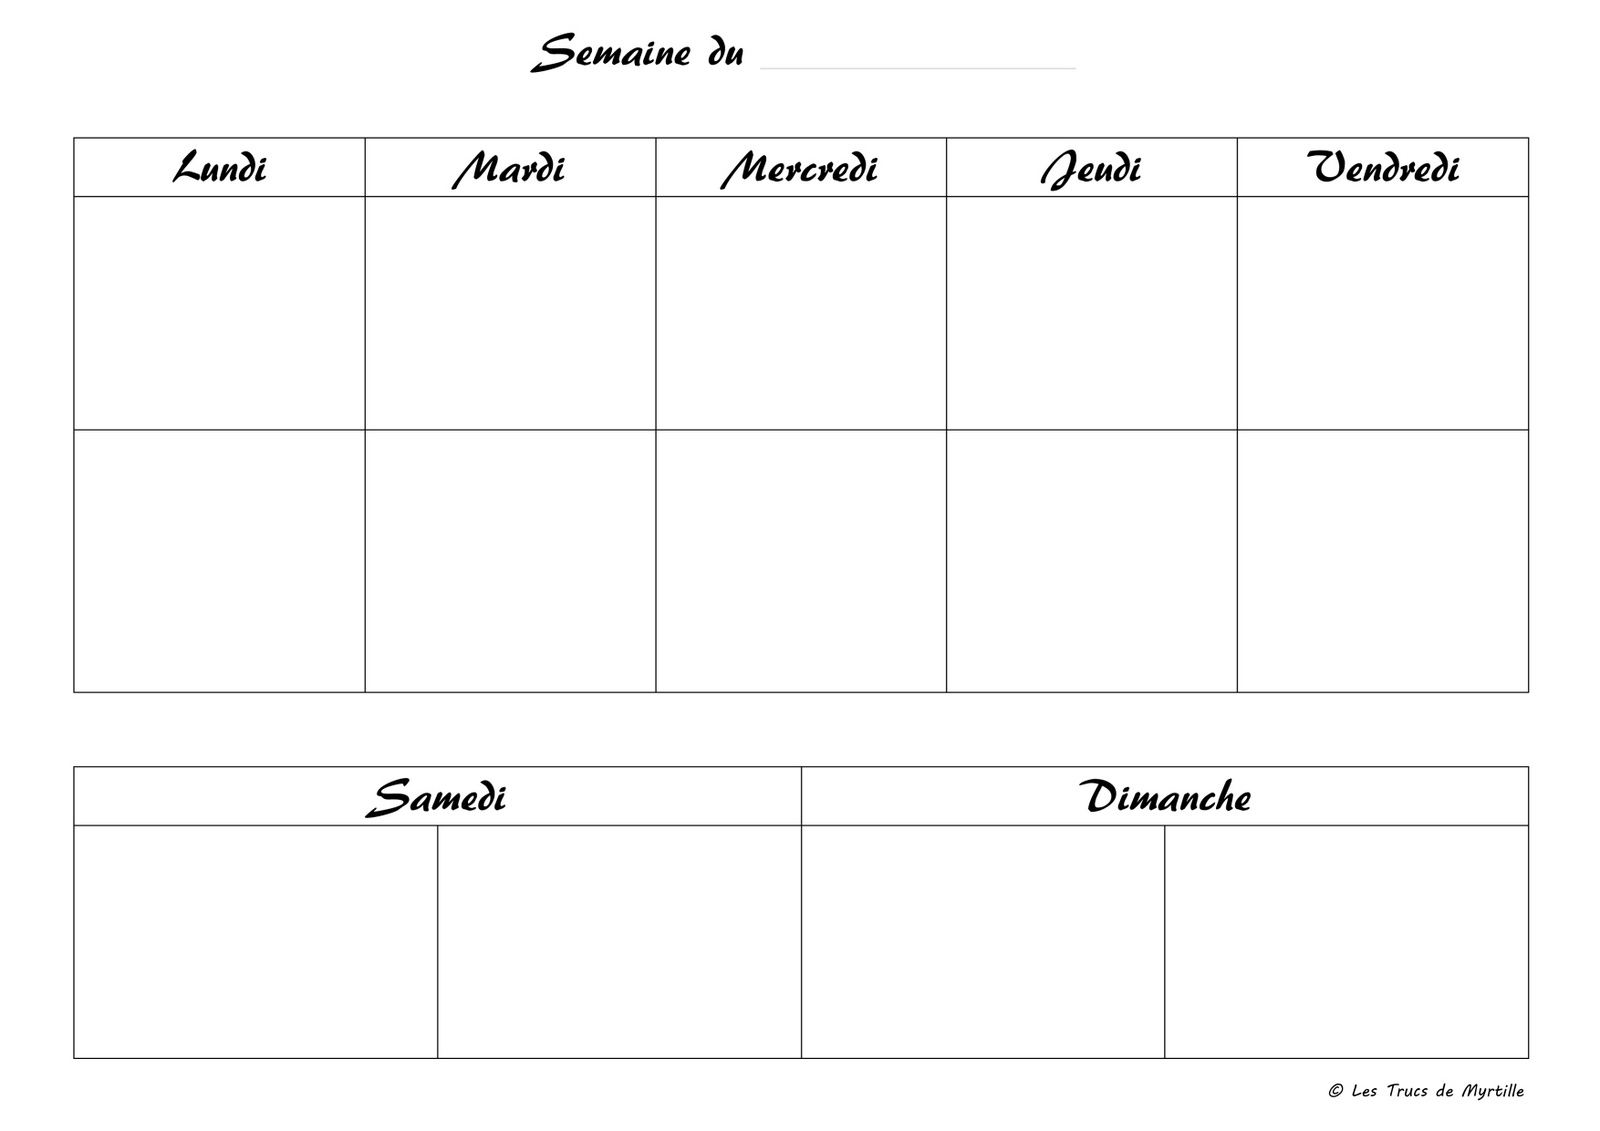 la cuisine de myrtille menus de la semaine du 12 9 2011 r cap 1. Black Bedroom Furniture Sets. Home Design Ideas